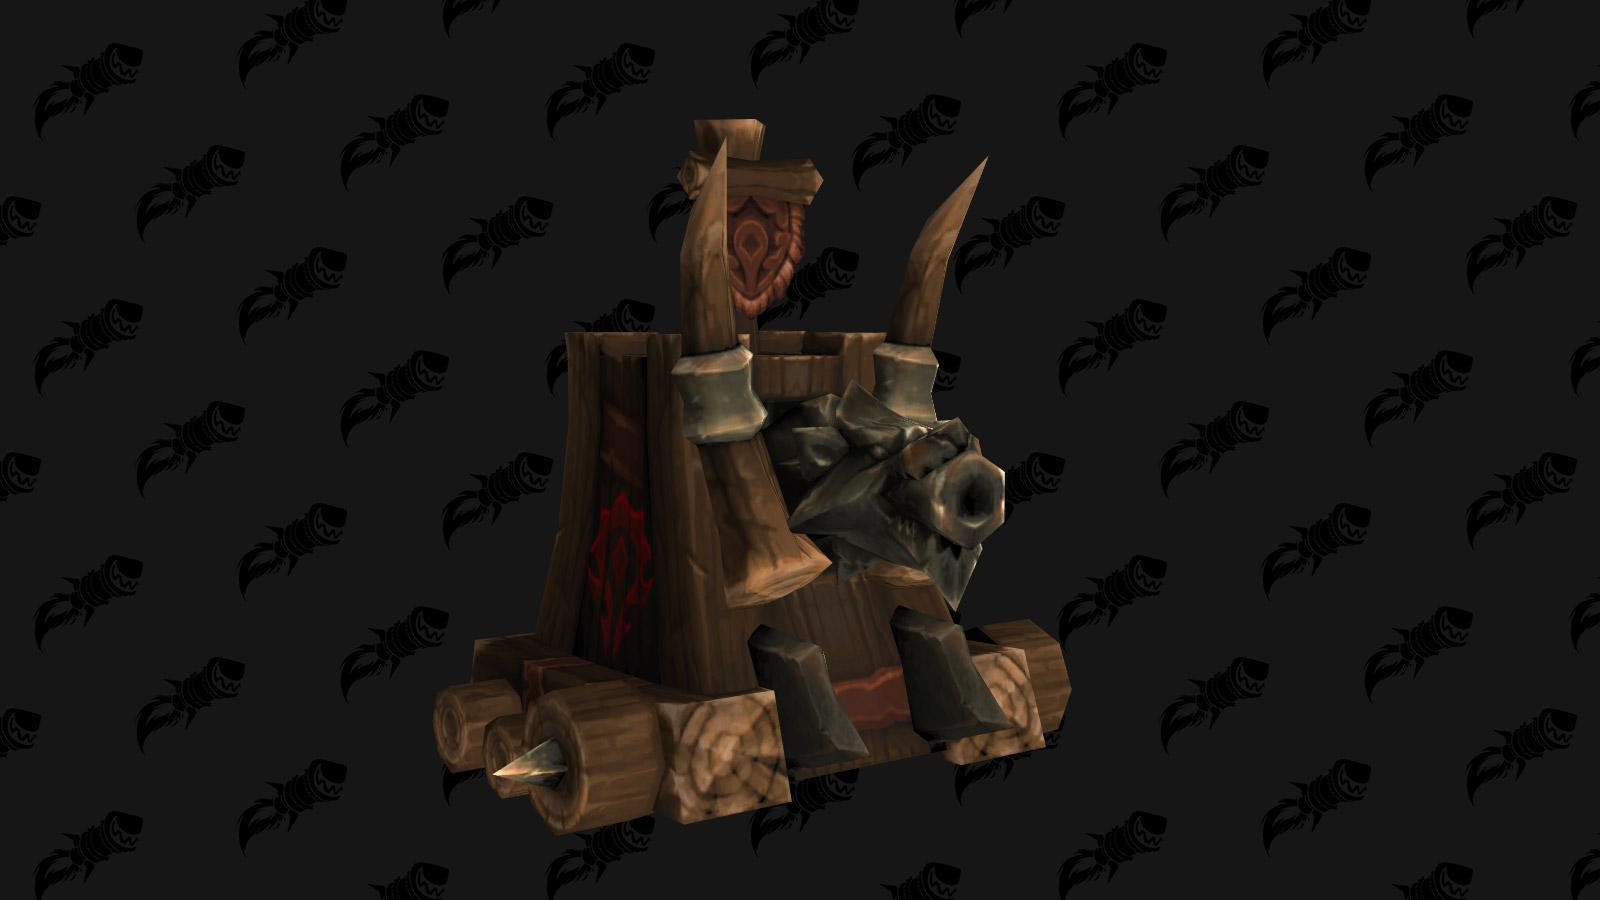 Mini machine de guerre, mascotte BFA qui s'obtient en étant révéré auprès de la Brigade de l'honneur